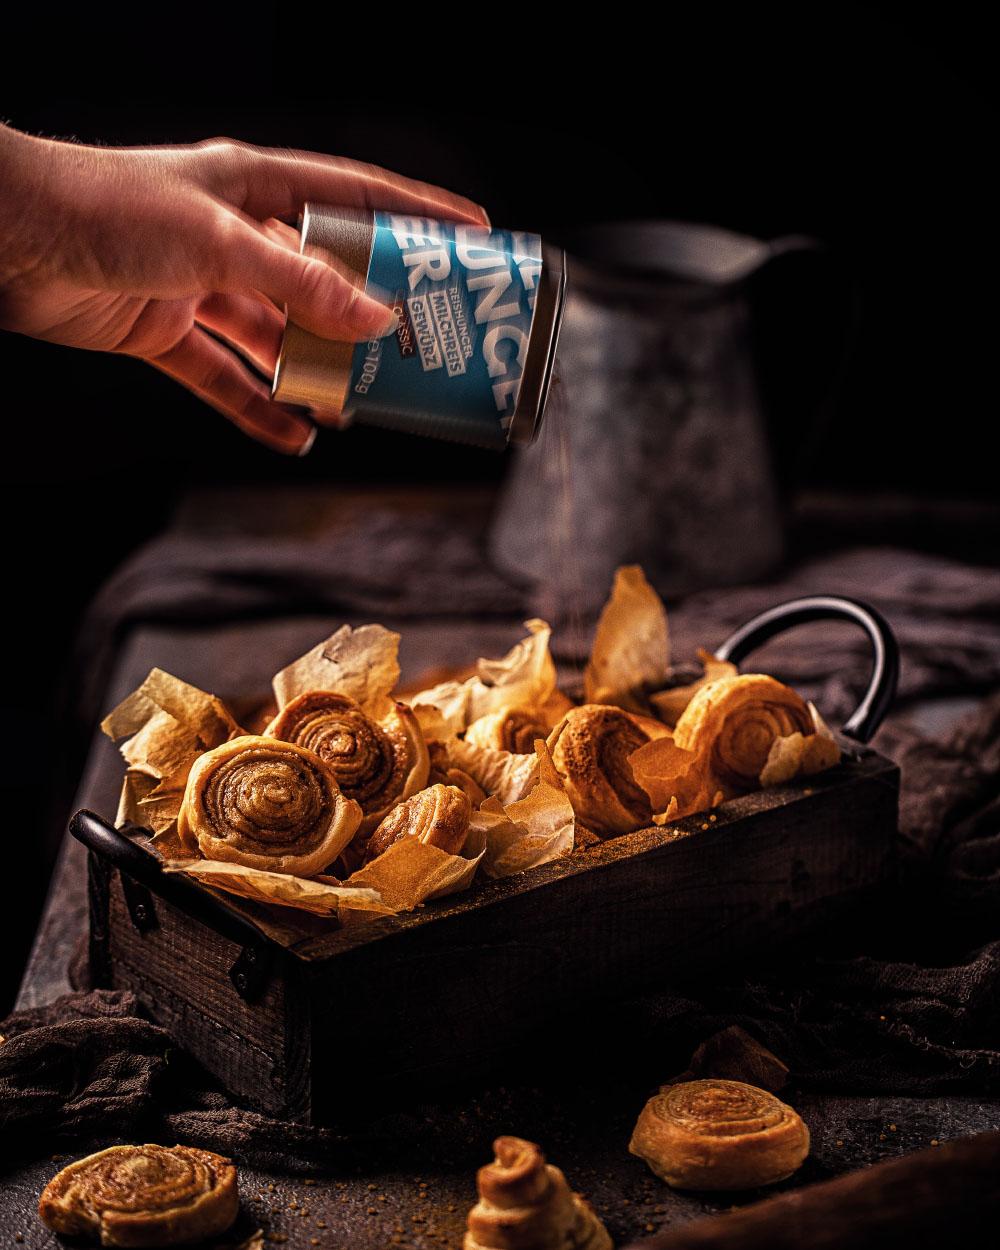 Schnelle-Zimschnecken aus fertigteig - reishunger milchreisgewürz